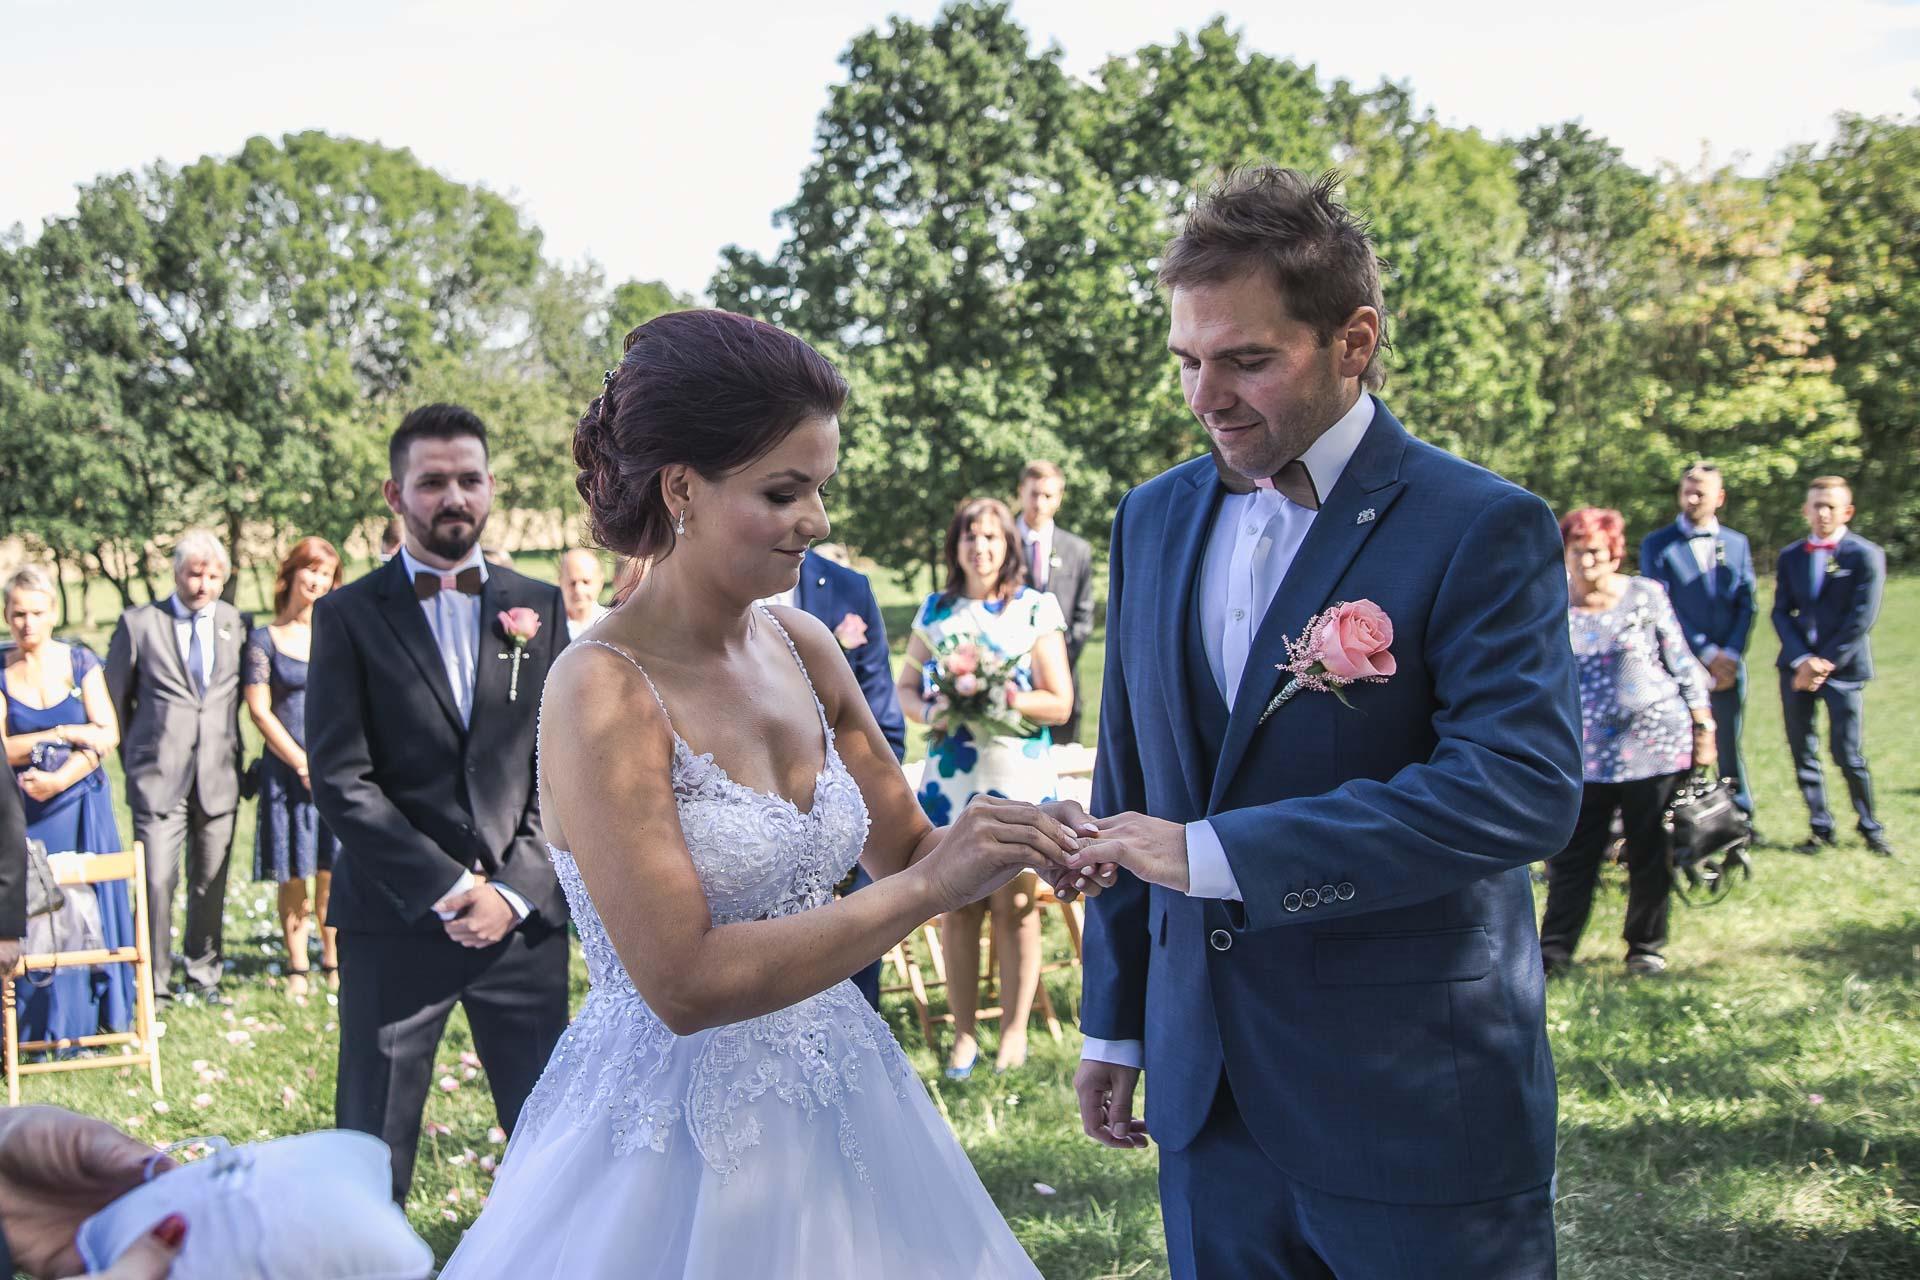 svatební-fotografie-Říp-svatební-video-ŘÍP-svatební-fotograf-ŘÍP-svatba-Mělník-svatba-Neratovice-fotograf-na-savtbu-kameraman-na-svatbu-116